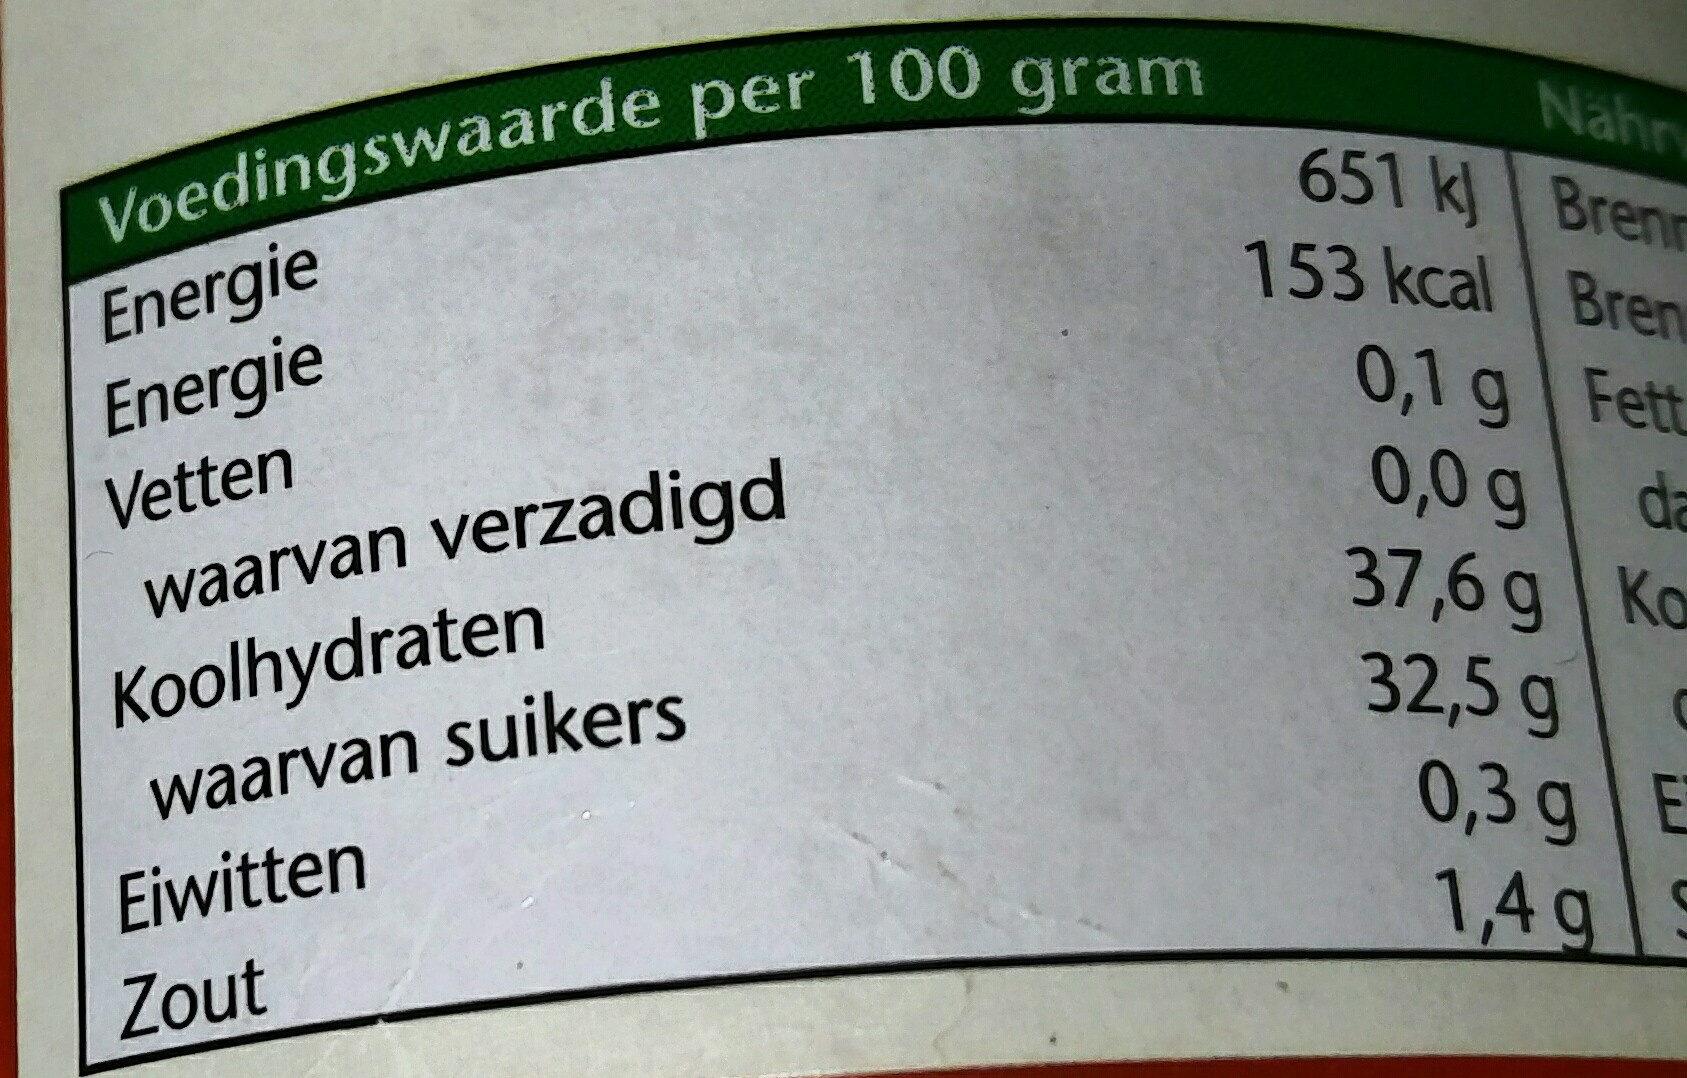 Oliehoorn Currysaus Traditionele Sauzen - Voedingswaarden - nl